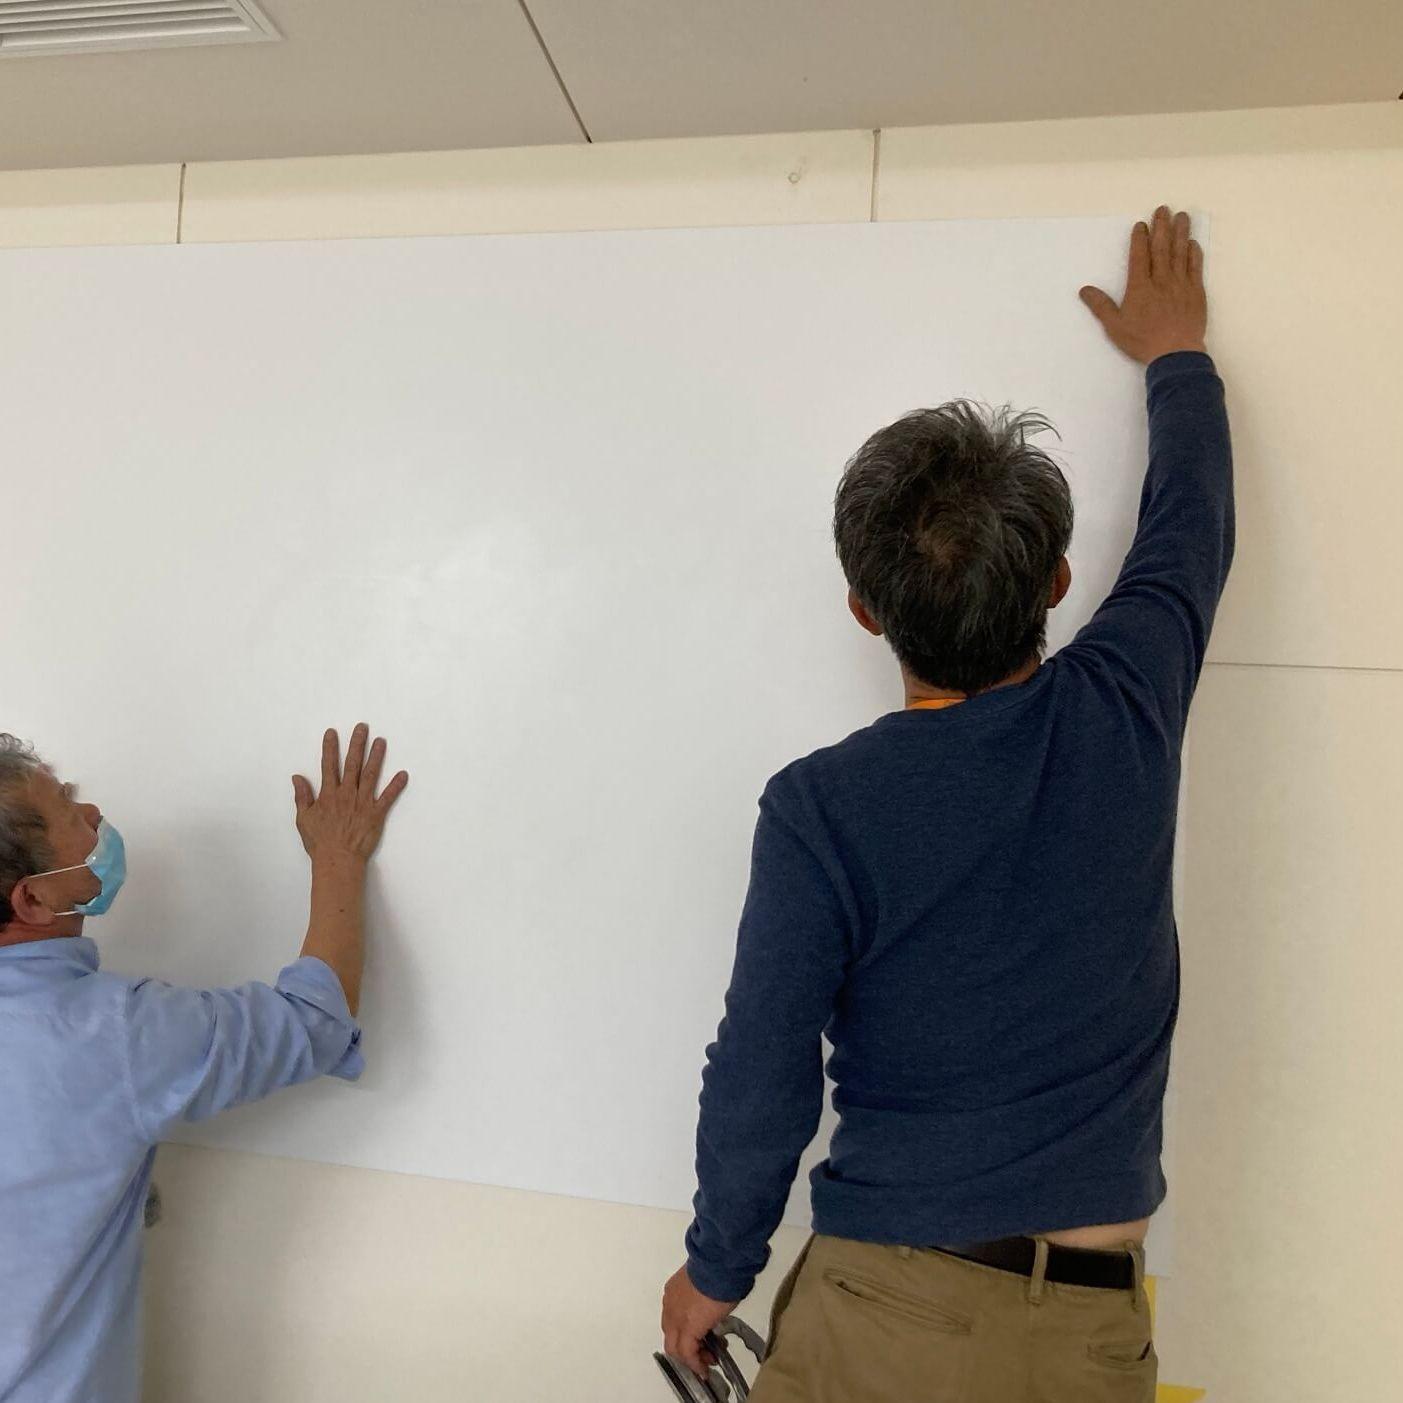 徳島・香川のオフィス内装工事|プロジェクタースクリーン・ホワイトボード兼用 壁工事(徳島市)